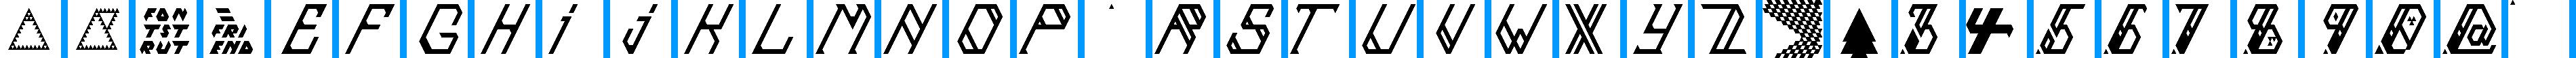 Particip-a-type v.328